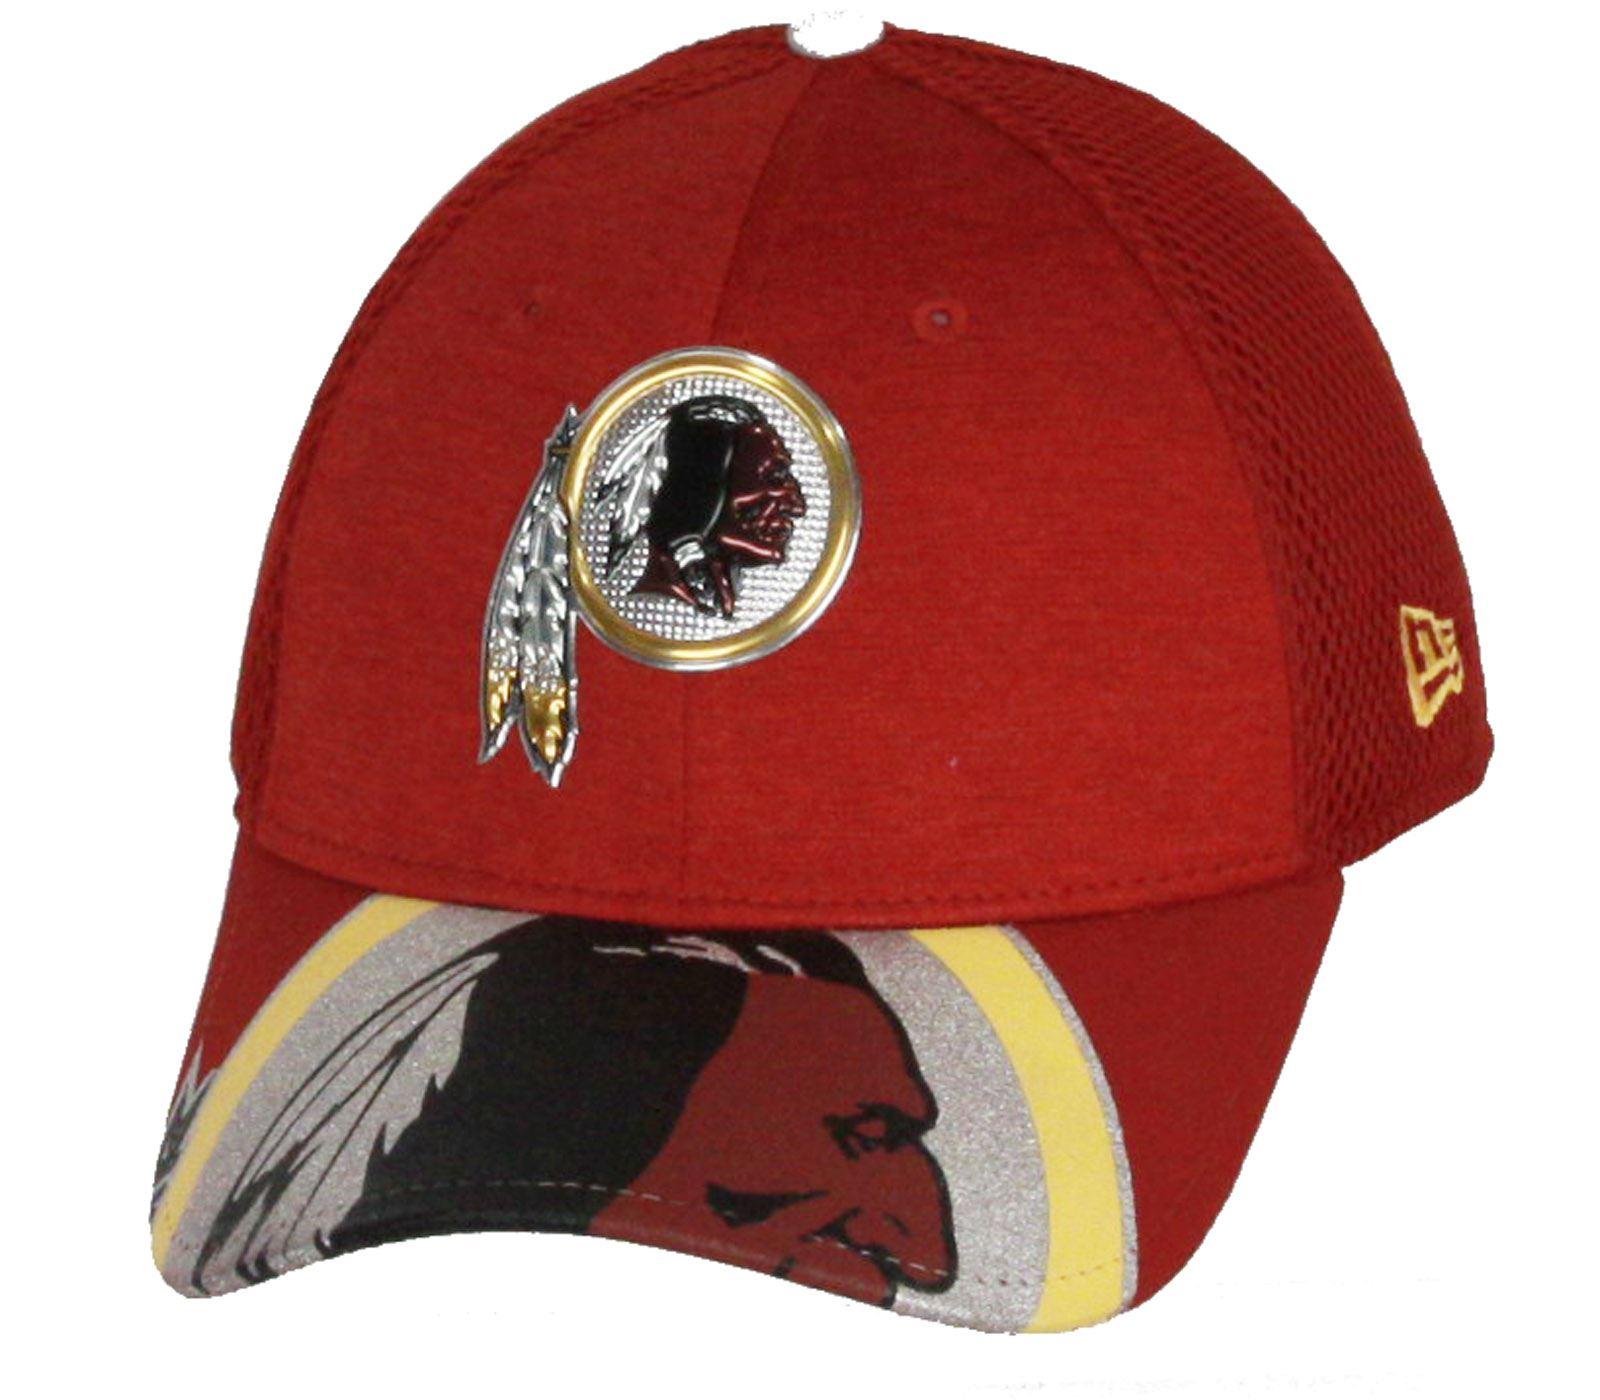 Era 3930 Washington Redskins 2017 NFL Draft on Stage OTC Cap Cap ... f17cbfae6